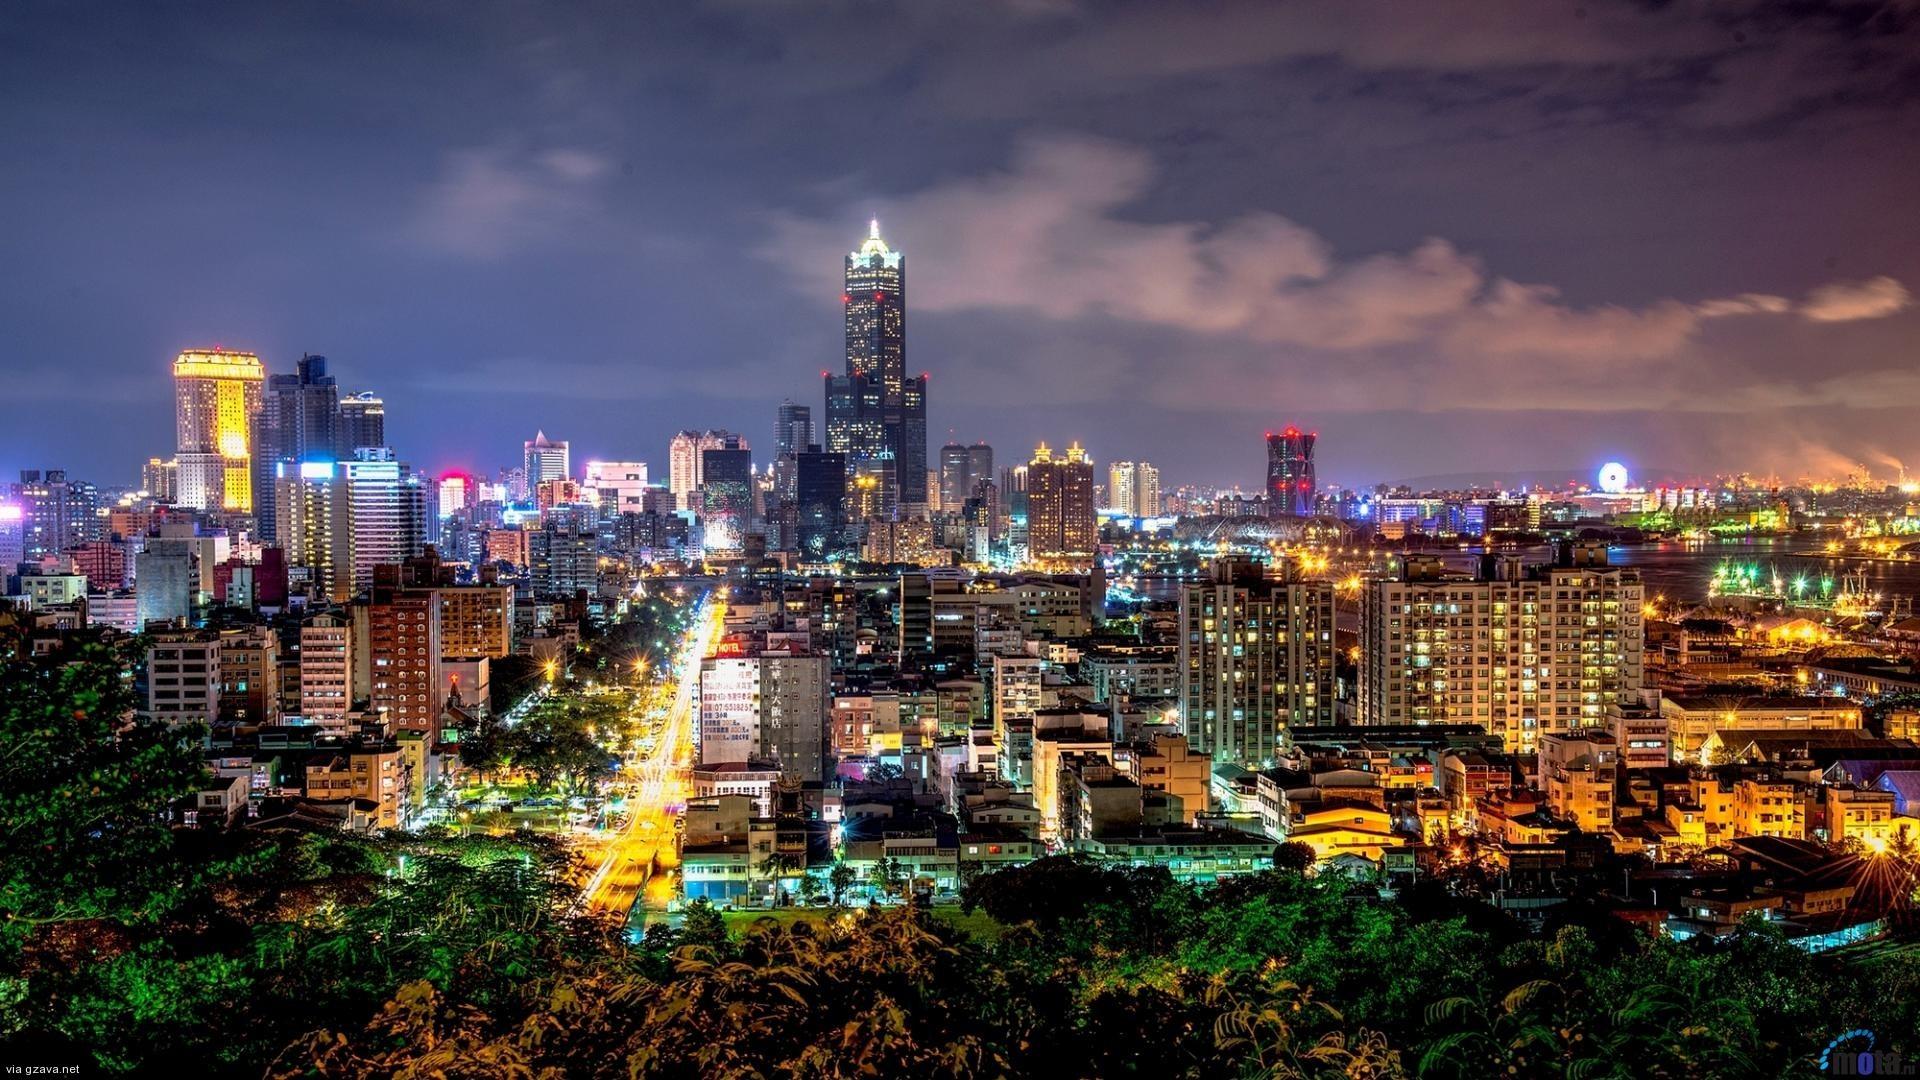 Taiwan City At Night